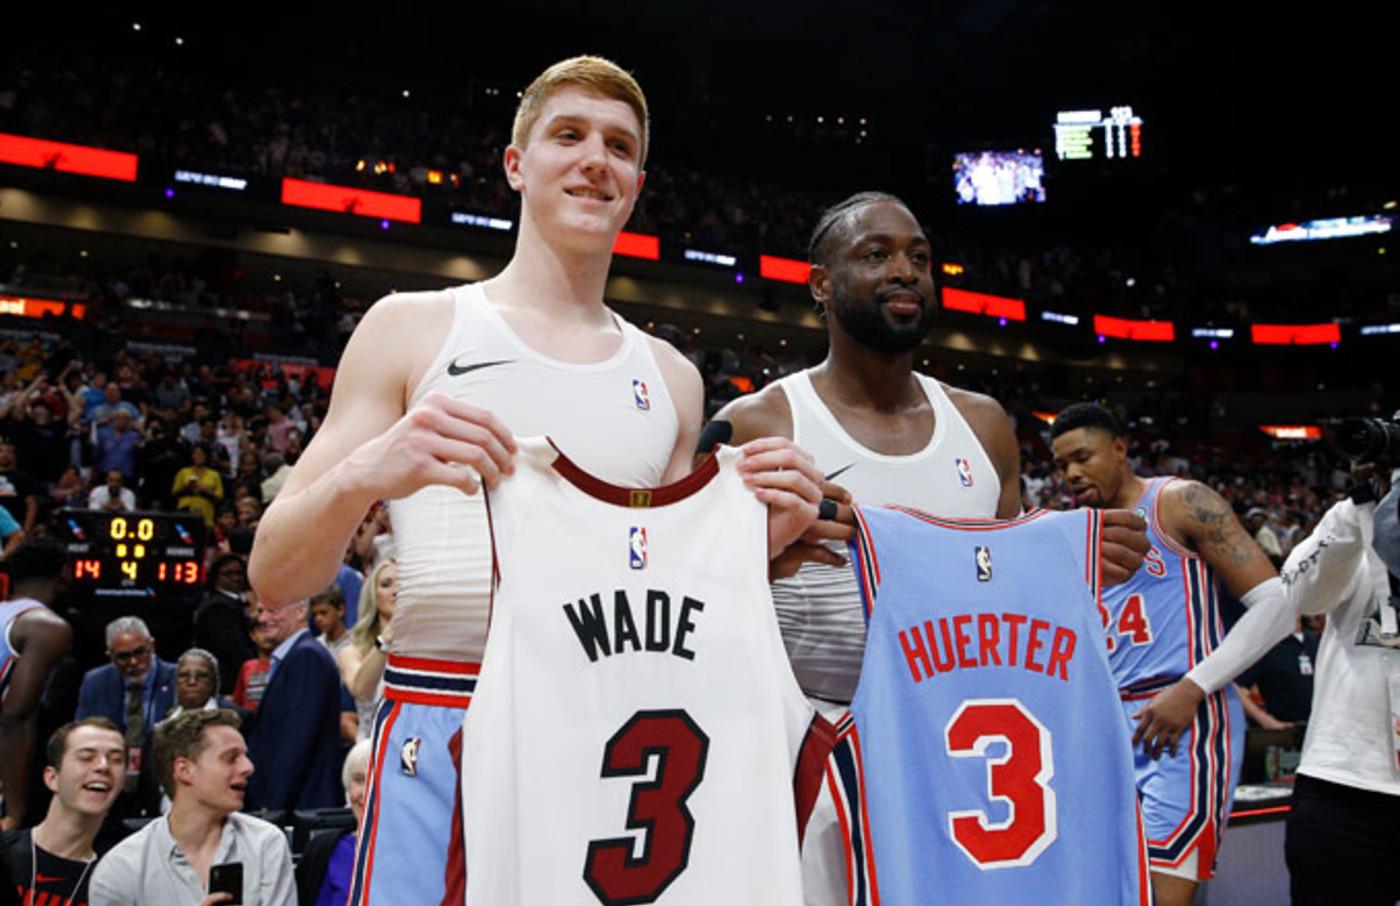 Kevin Huerter and Dwyane Wade